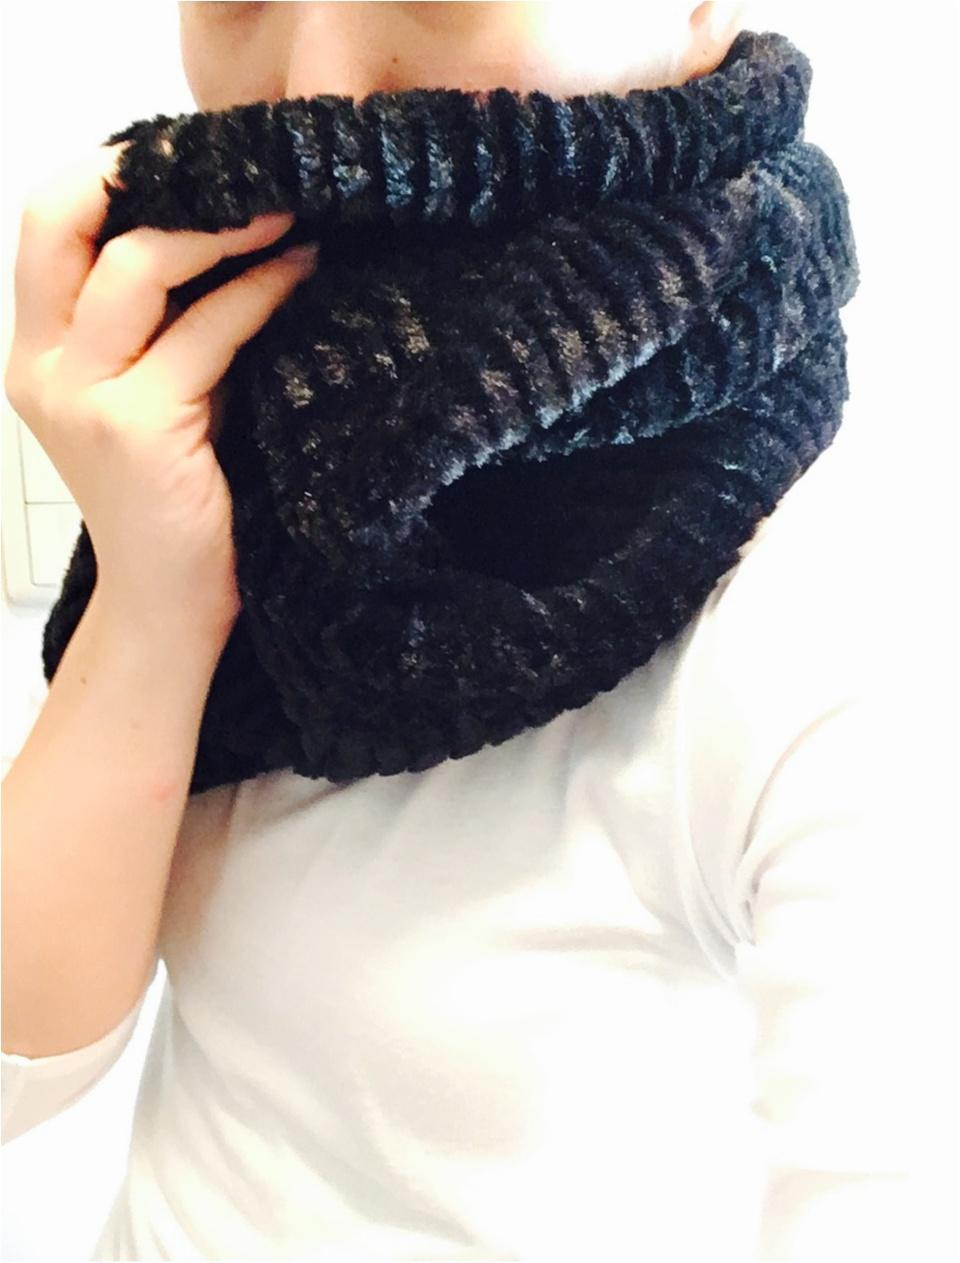 お得すぎる。GU10周年セールに急げ〜♡GUの魅力は洋服だけじゃない。小物も買わずにはいられないっ(о´∀`о)_7